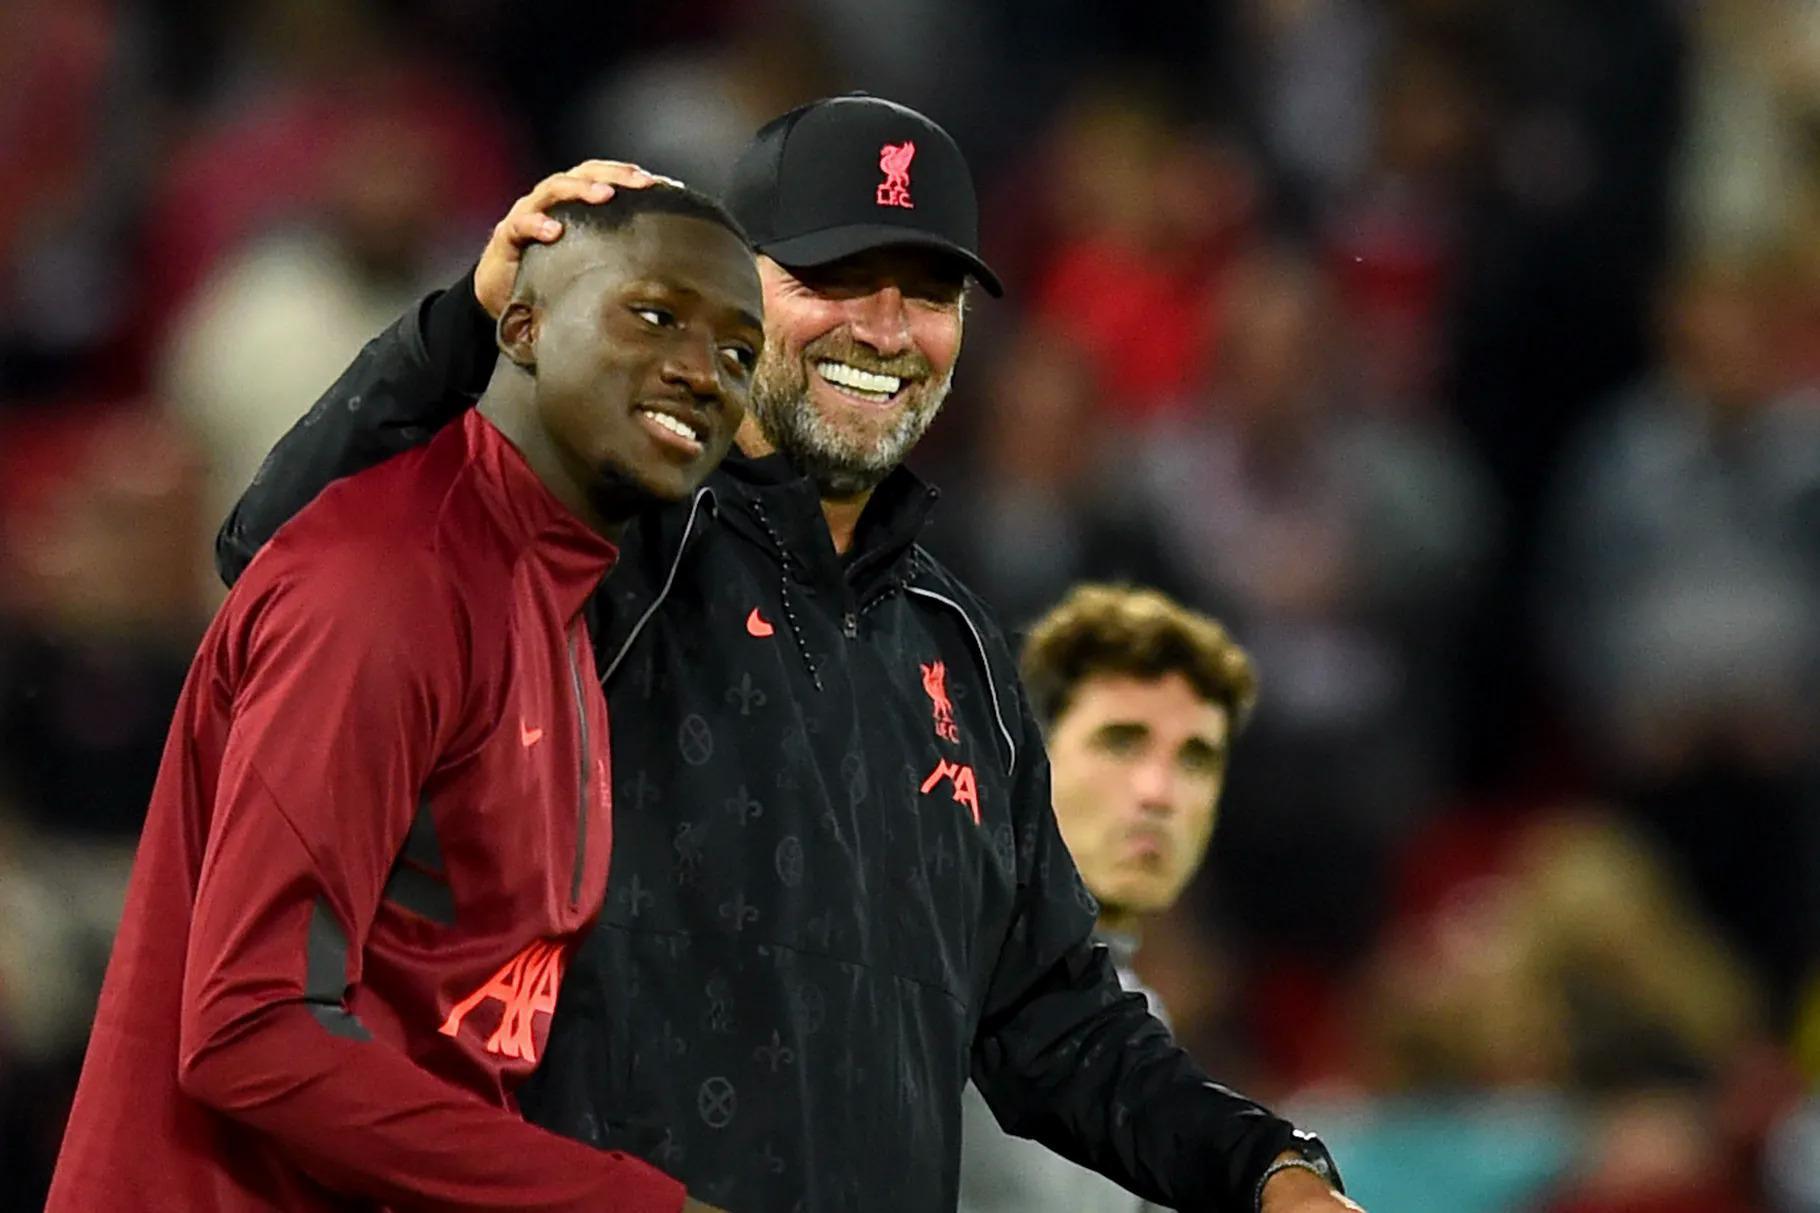 """โค้ช Jurgen Klopp รู้สึกยินดีเป็นอย่างยิ่งที่ได้คัดเลือก Konate มาร่วมทีม Liverpool ในช่วงซัมเมอร์นี้  ภาพถ่าย: """"Liverpool FC ."""""""